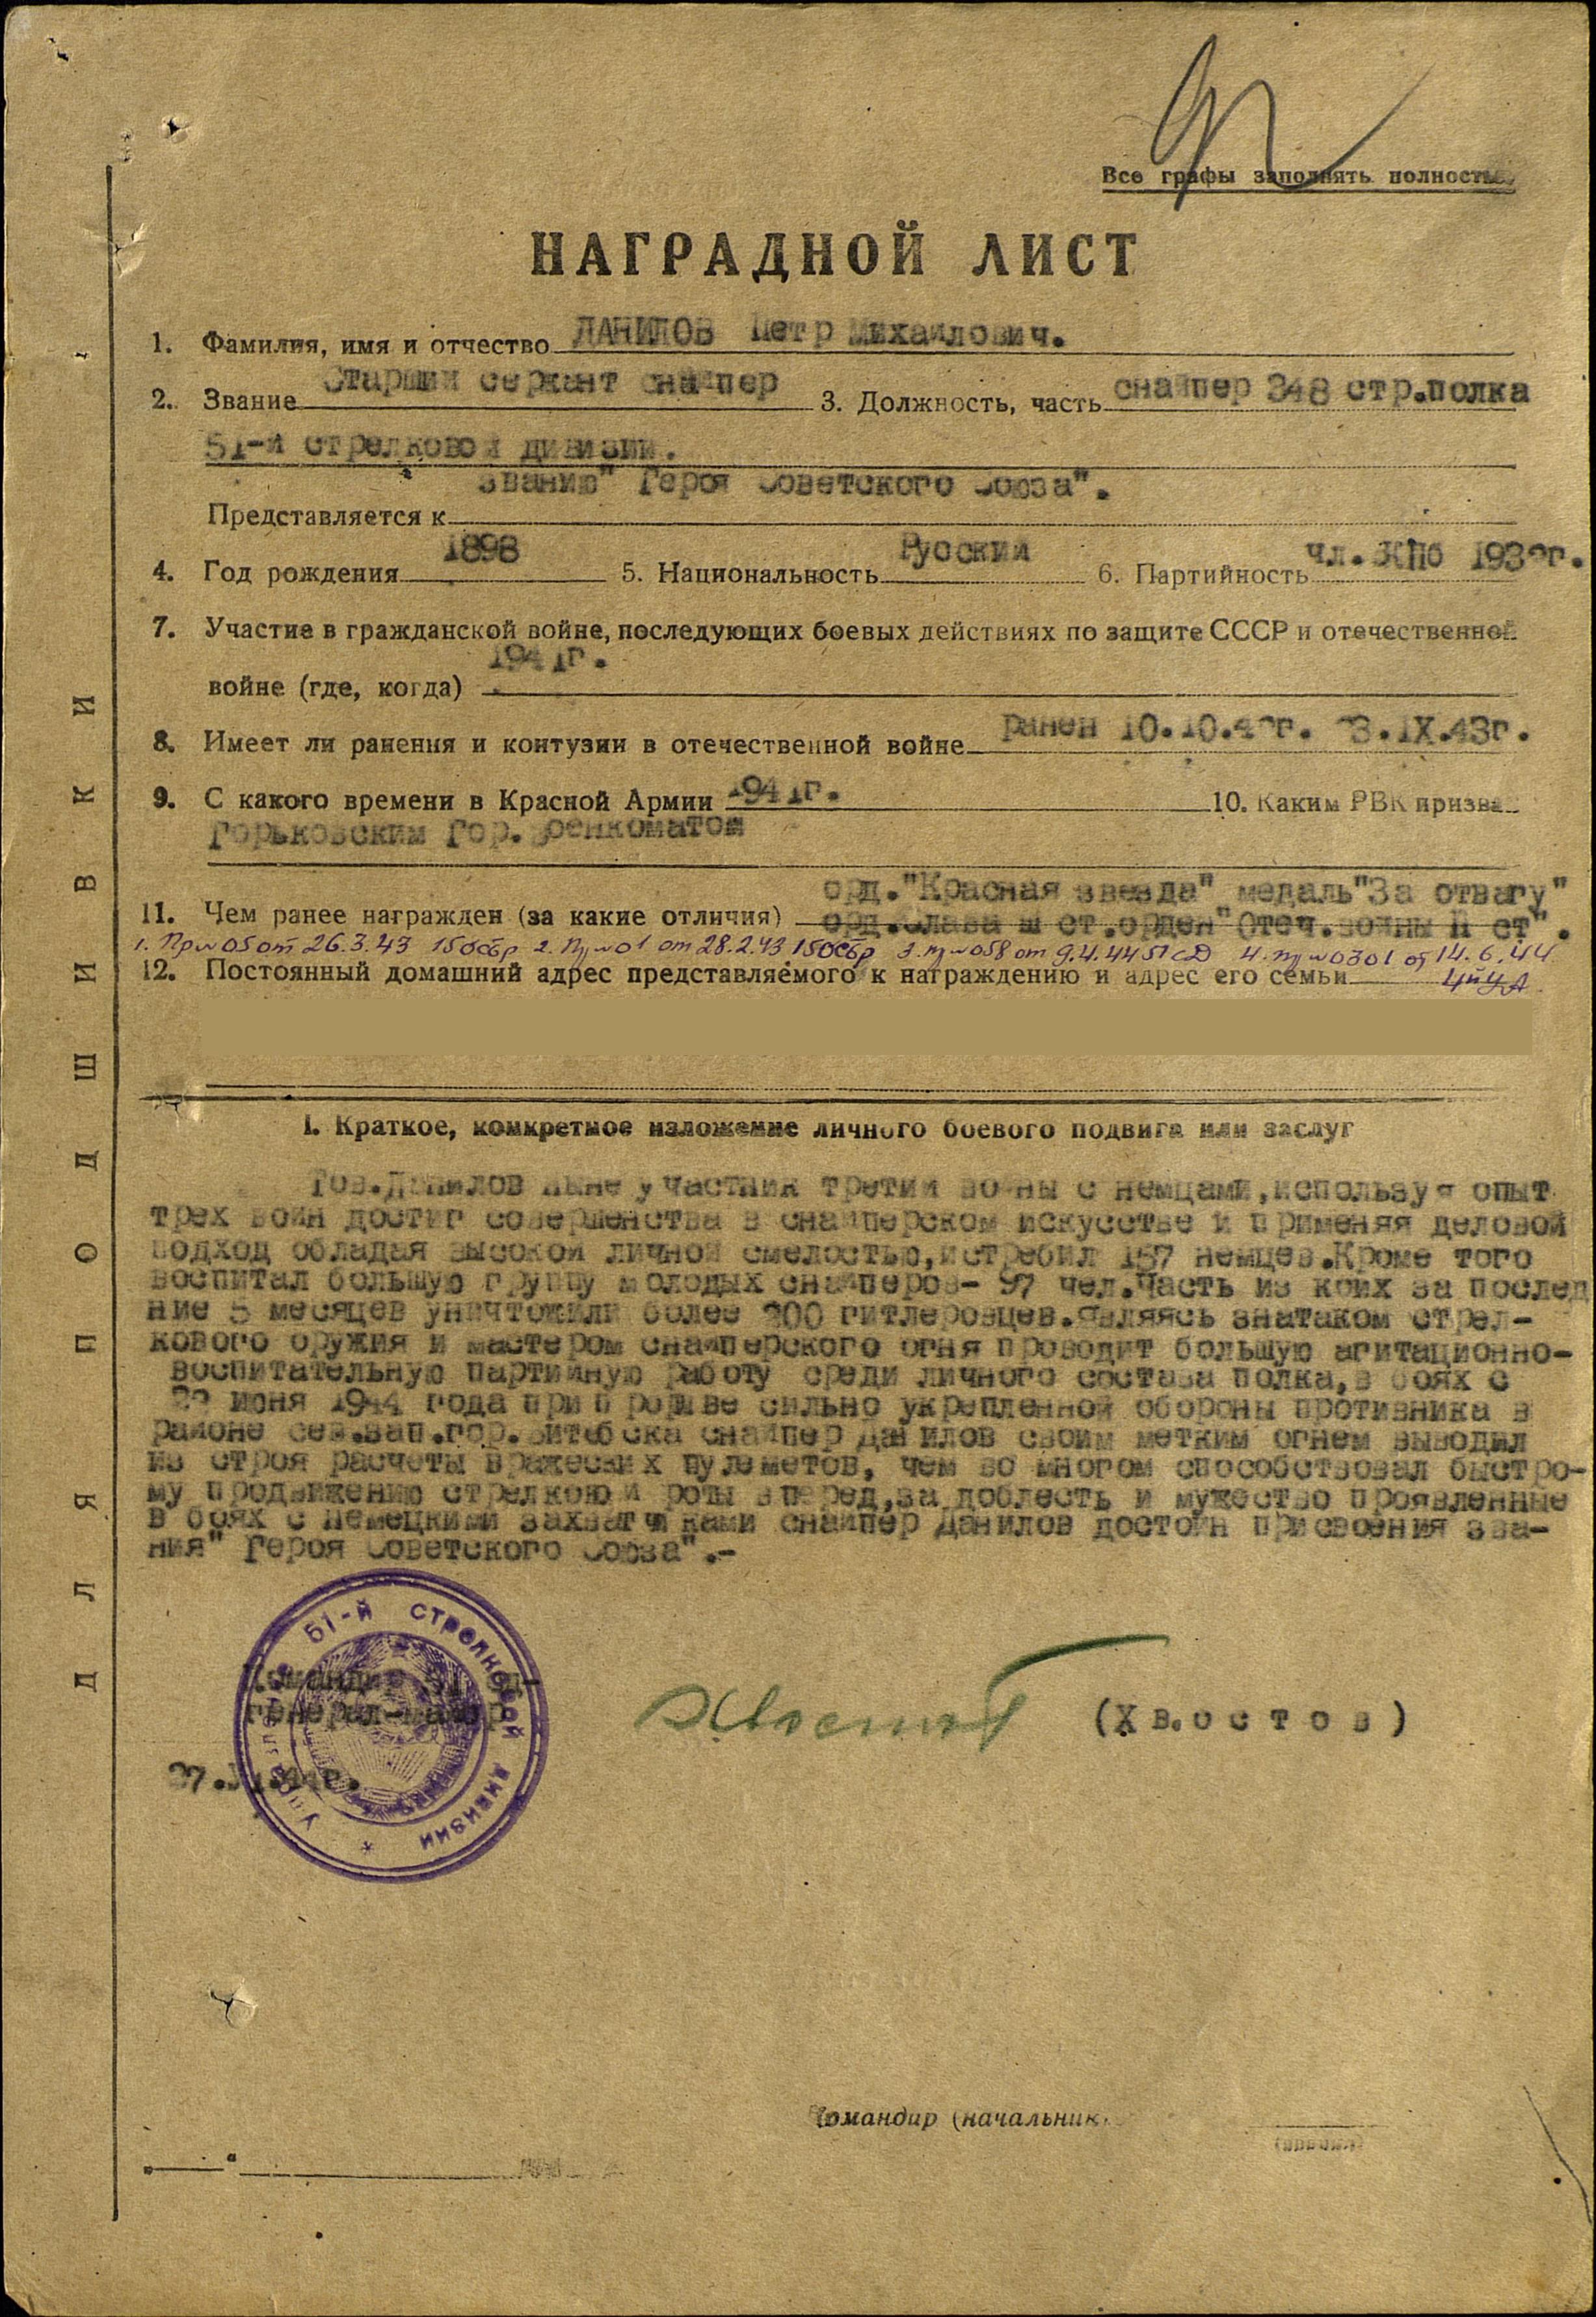 Наградной лист Данилова Петра Михайловича орденом Красного Знамени